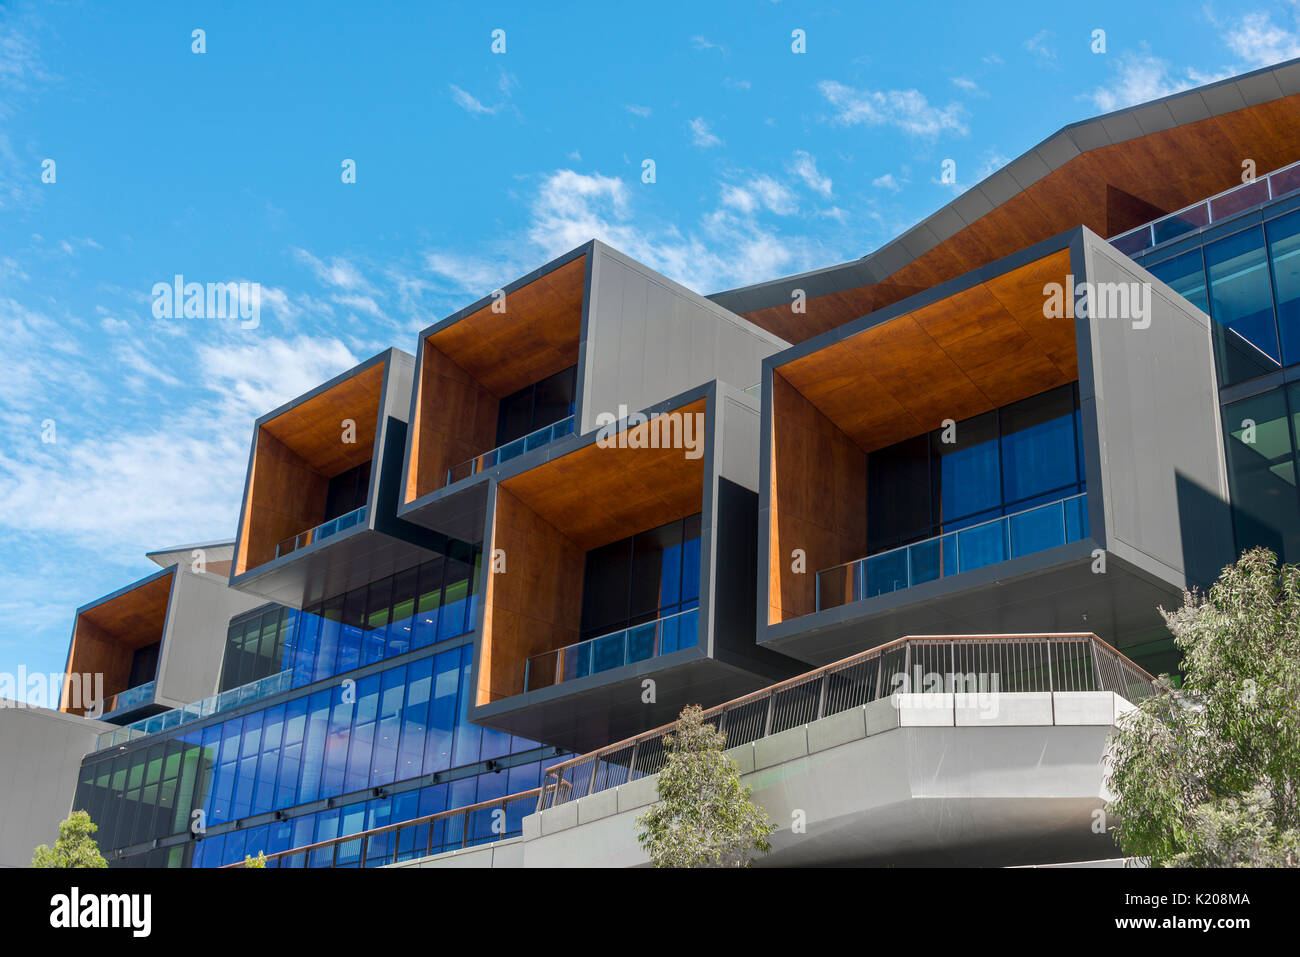 Architettura moderna, il Darling Harbour, Nuovo Galles del Sud, Australia Immagini Stock